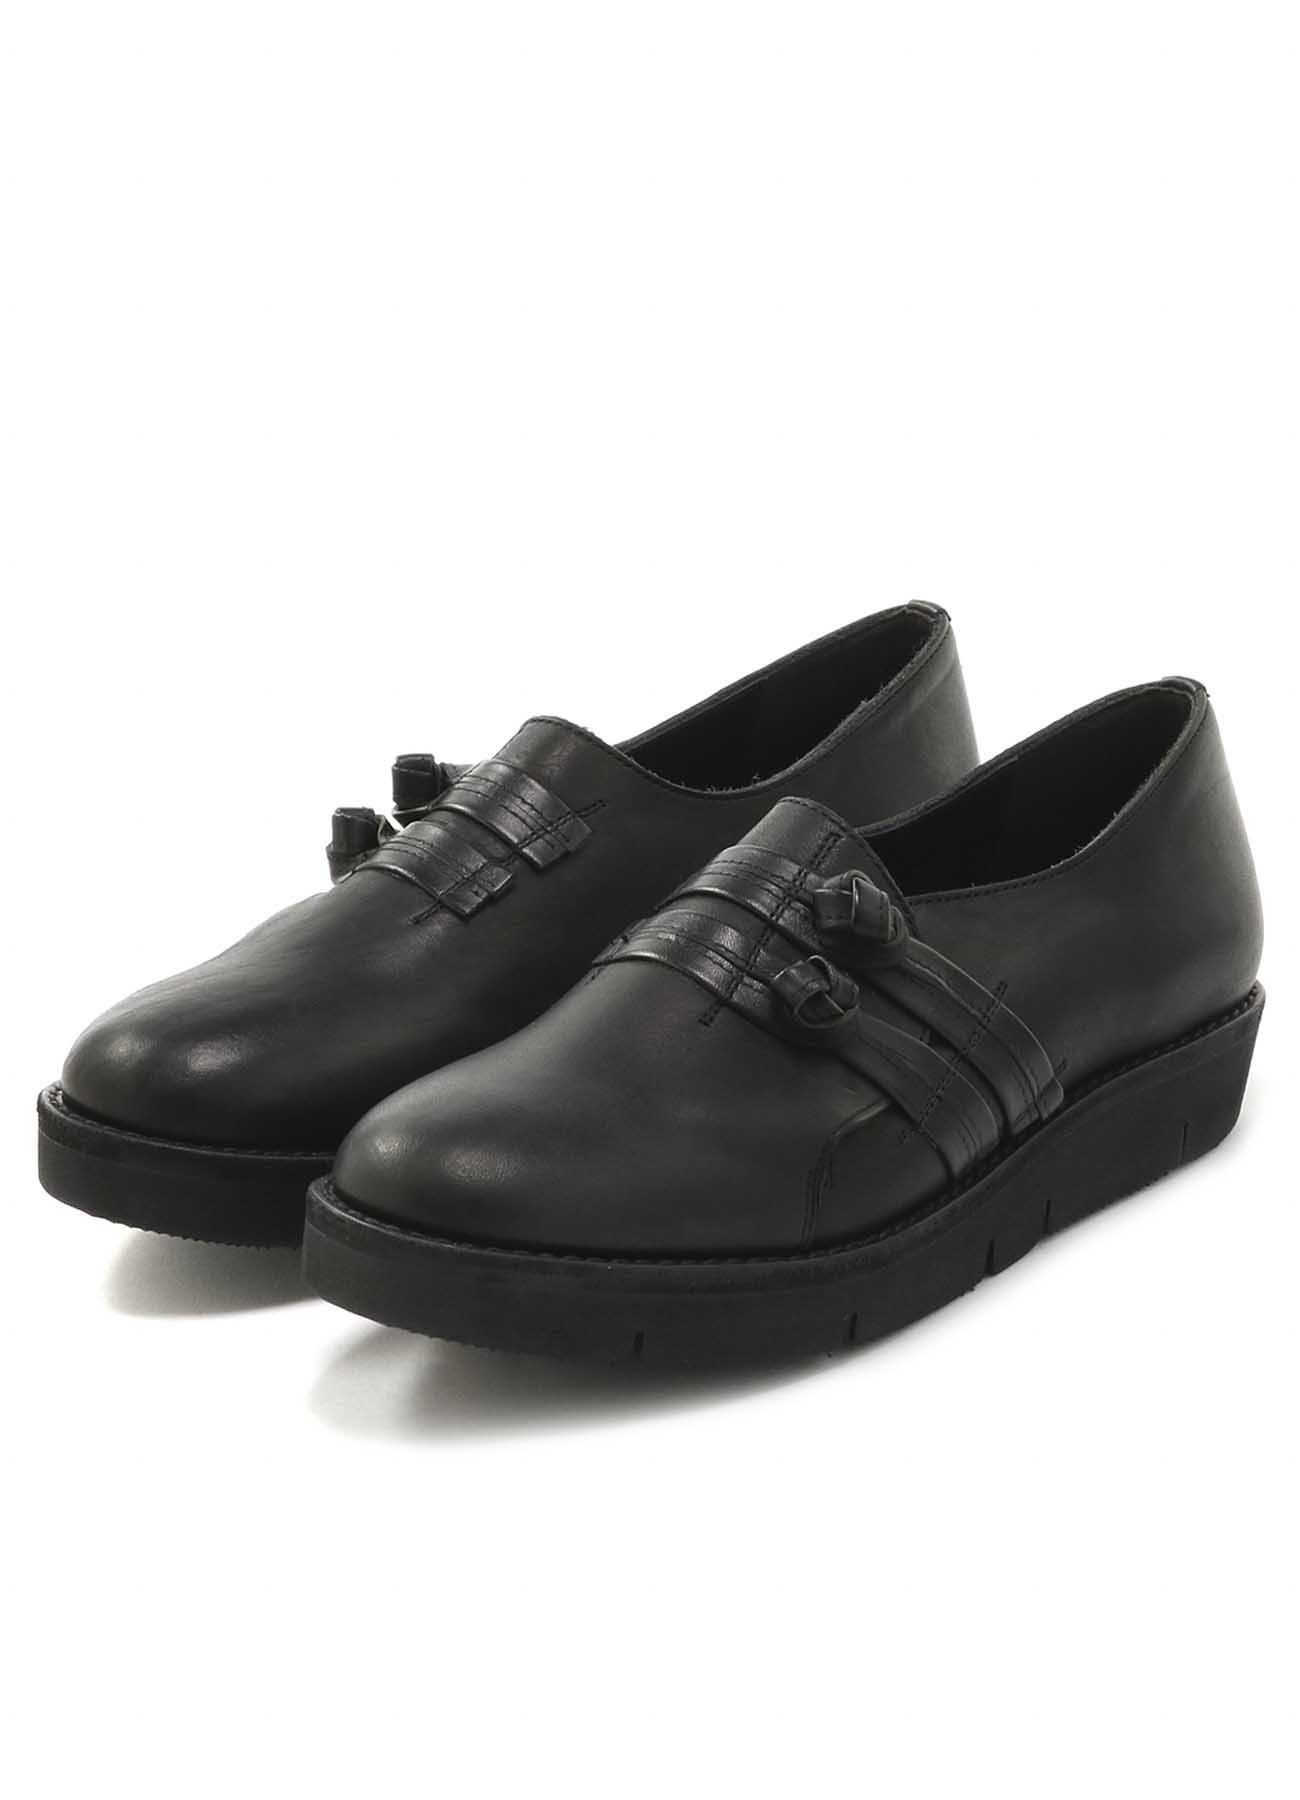 中式盘扣羊皮平底鞋